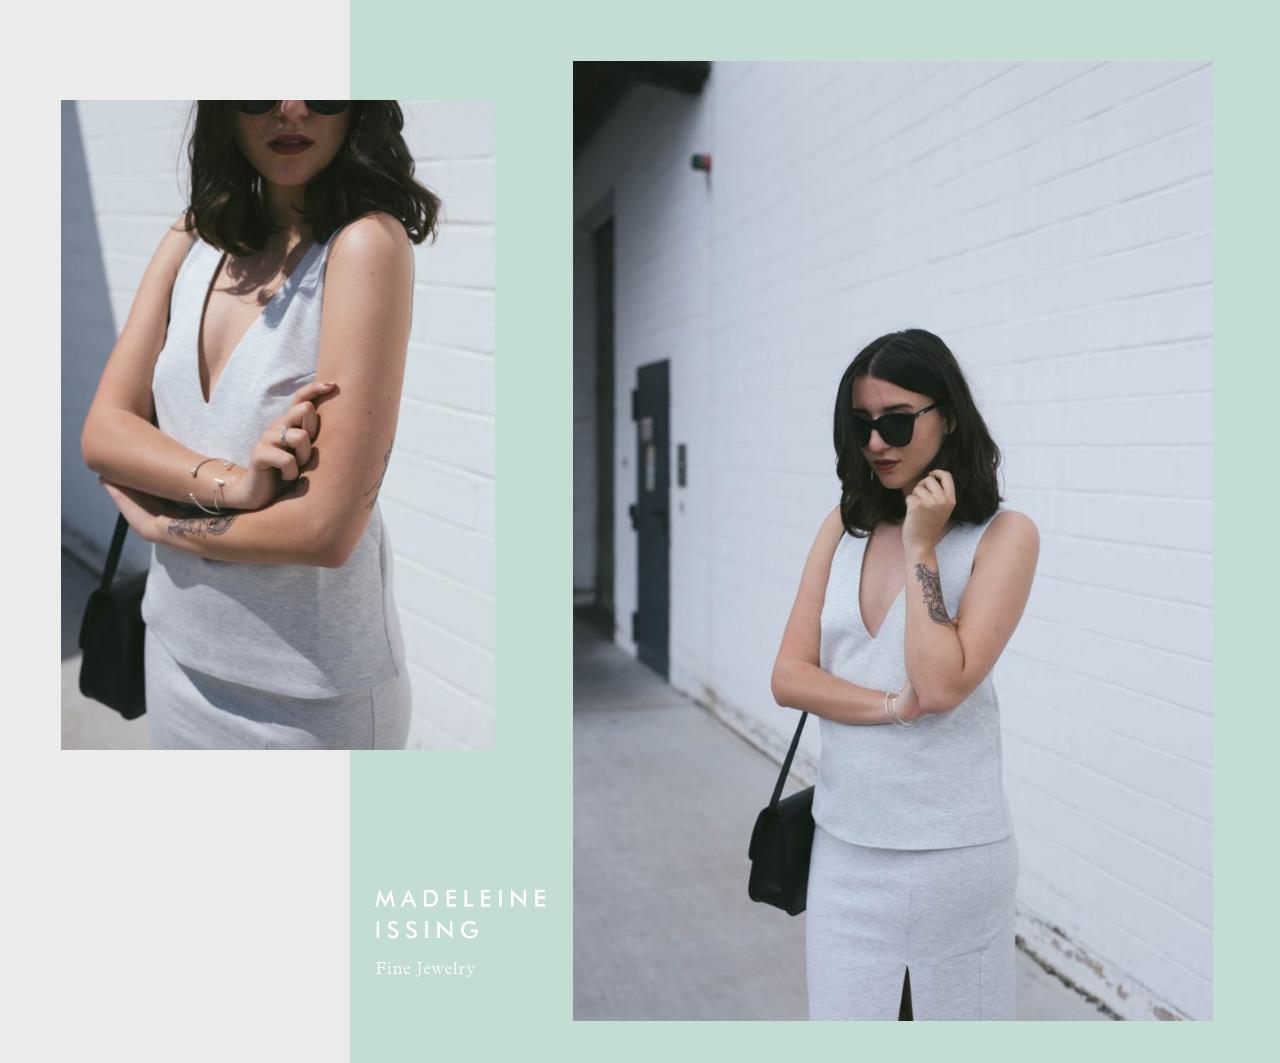 Schmuck Accessoires minimalistische Mode Madeleine Issing